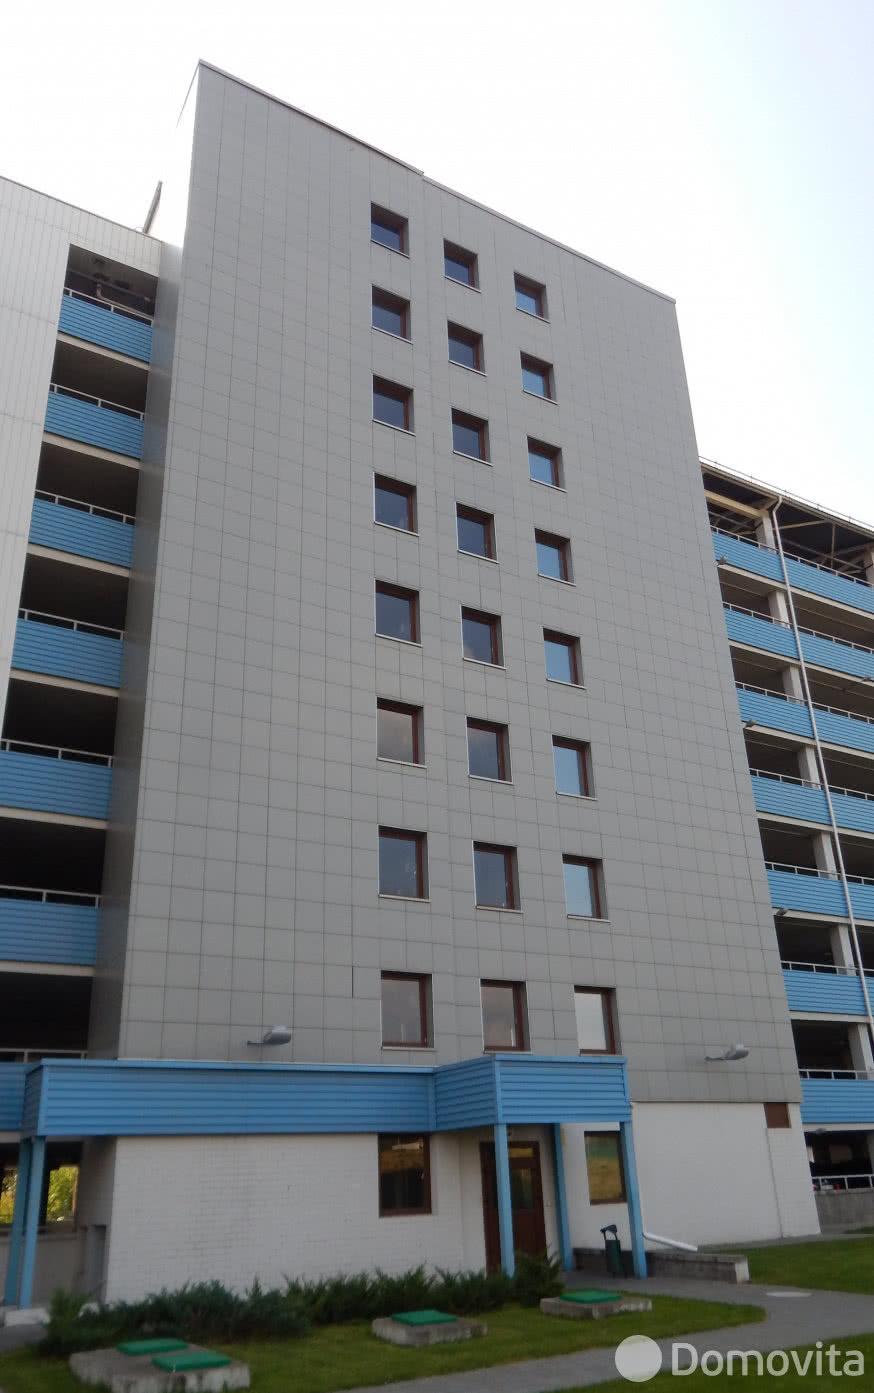 Бизнес-центр БЦ на Богдановича 155Б - фото 3